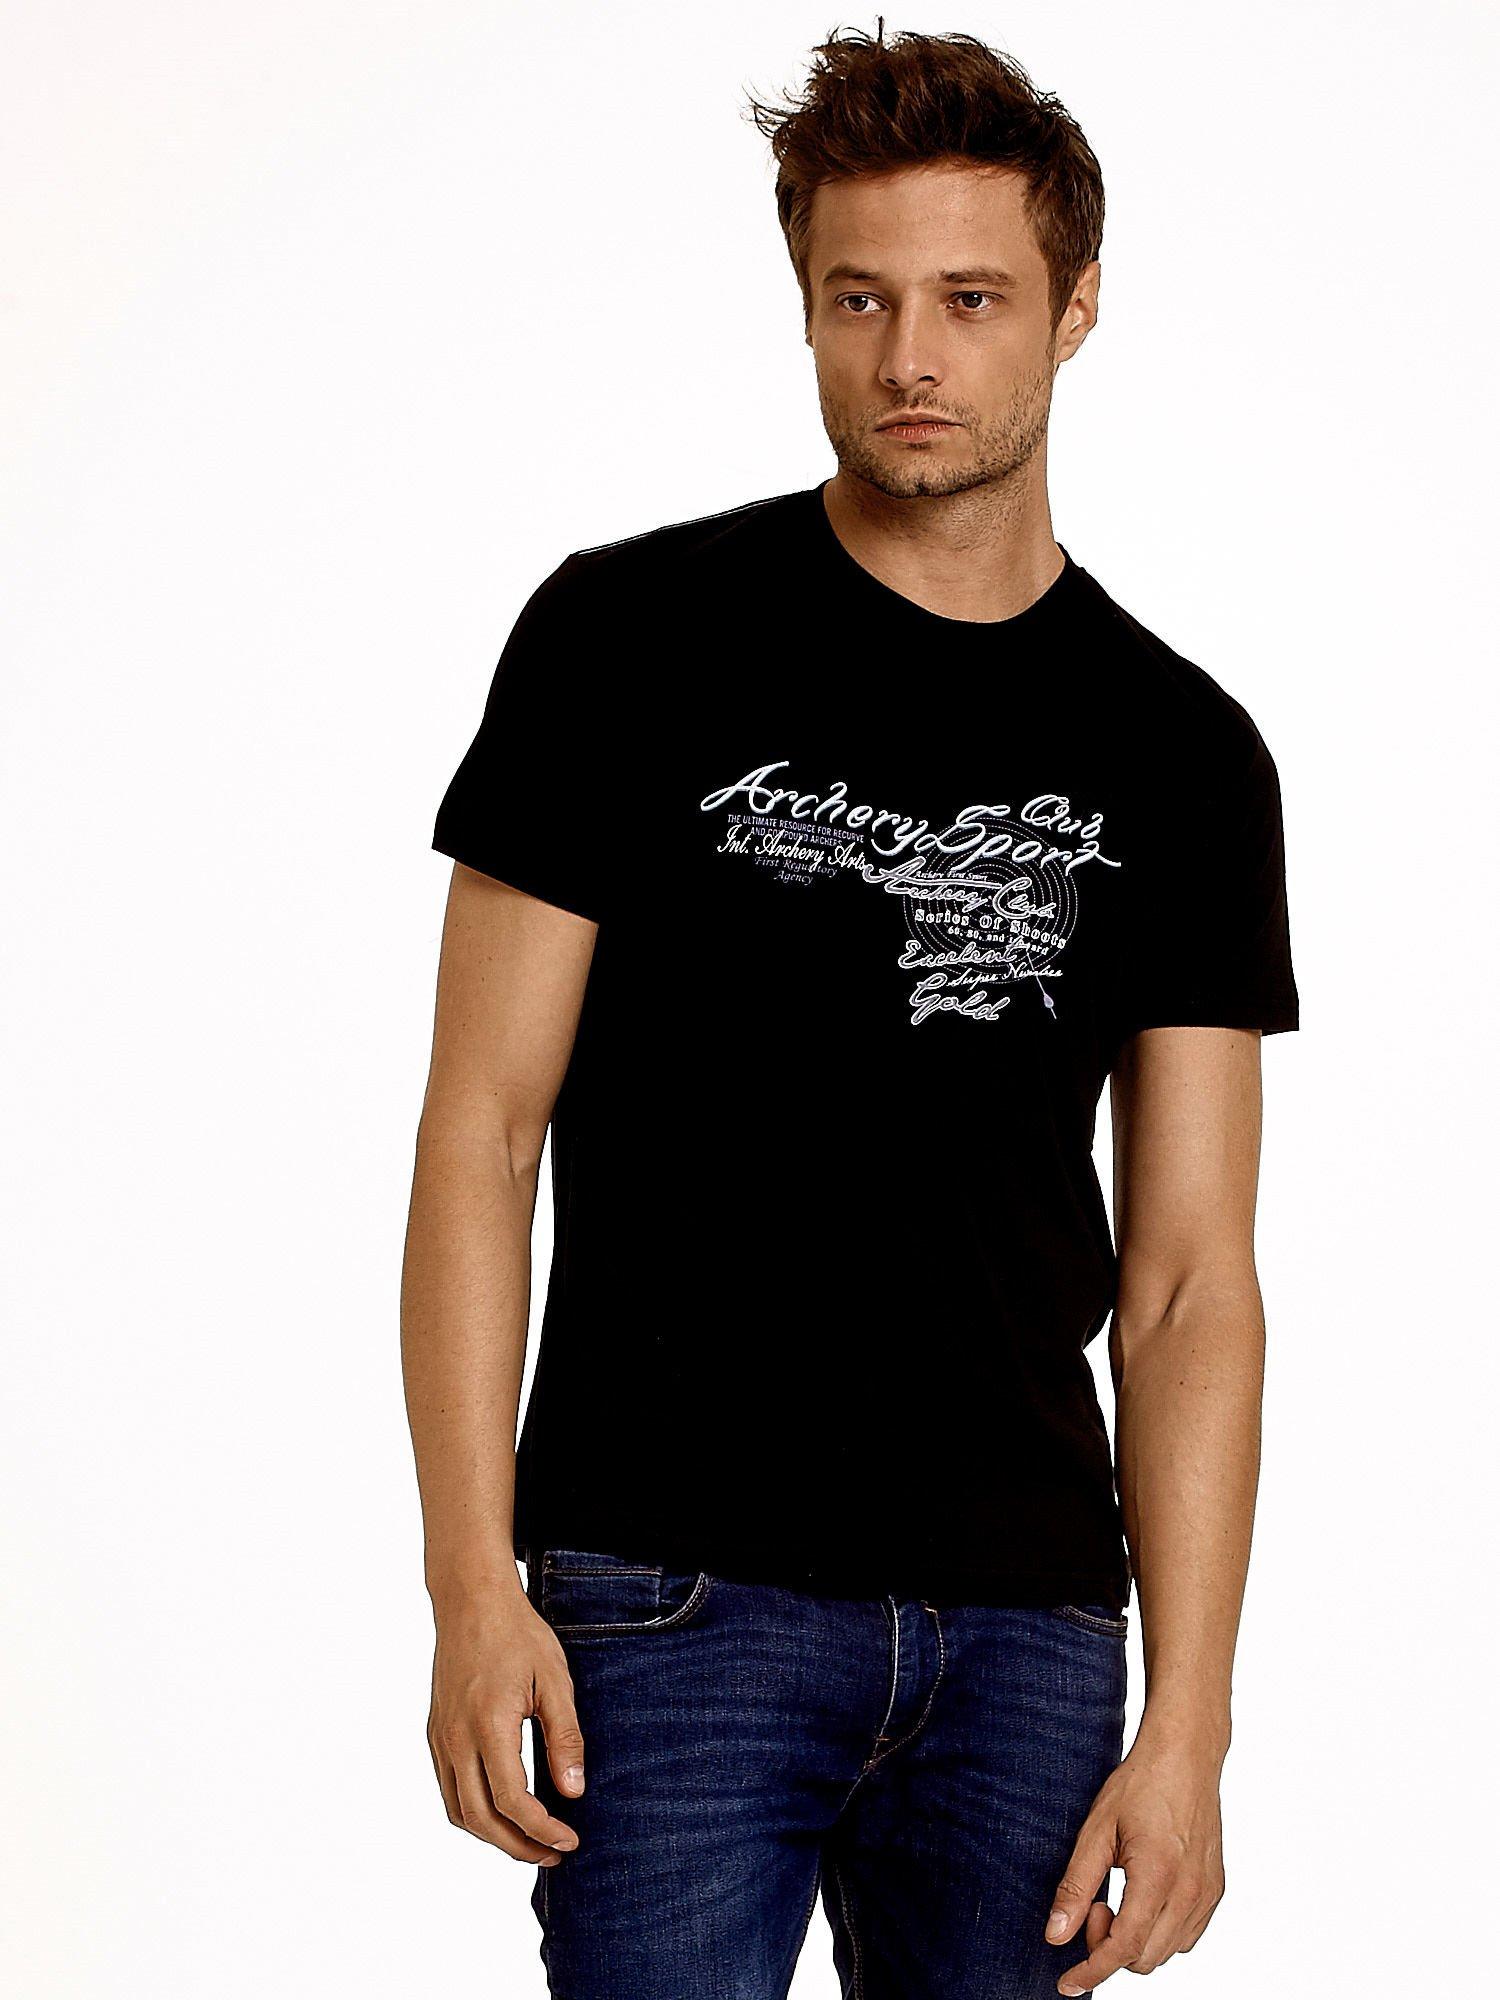 Czarny t-shirt męski ze sportowym nadrukiem i napisami                                  zdj.                                  1